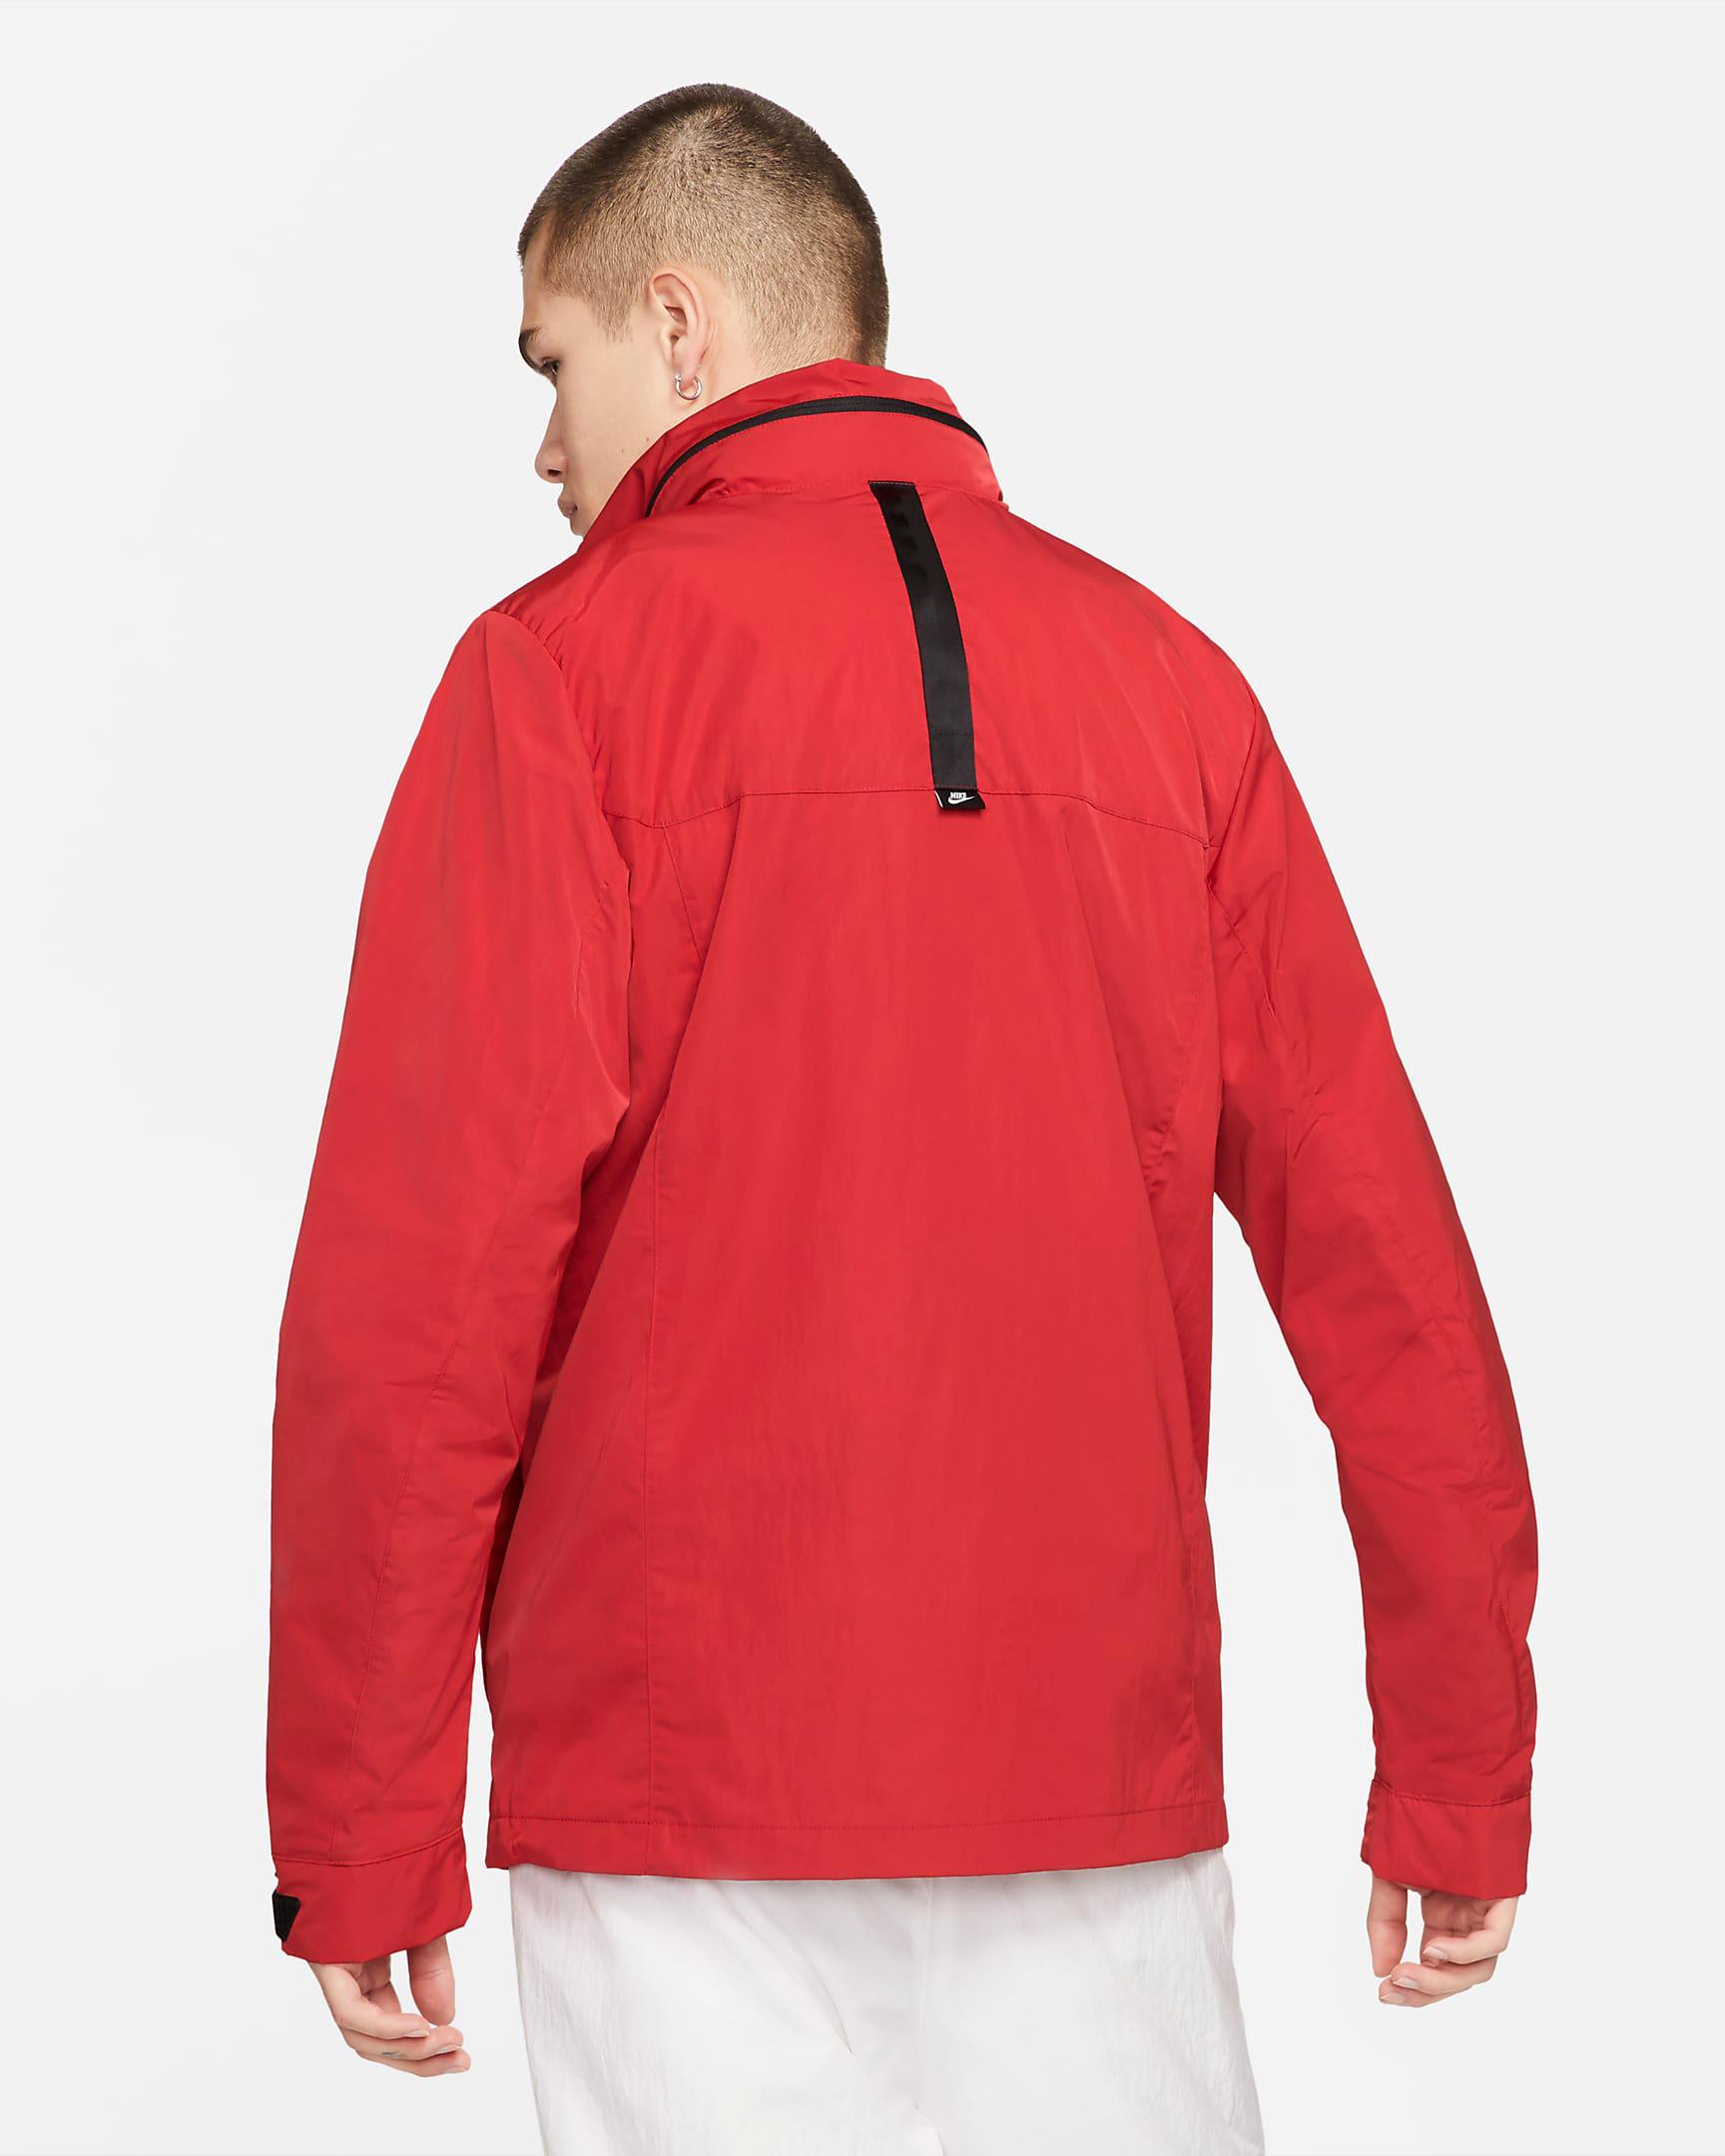 nike-sportswear-m65-red-jacket-2